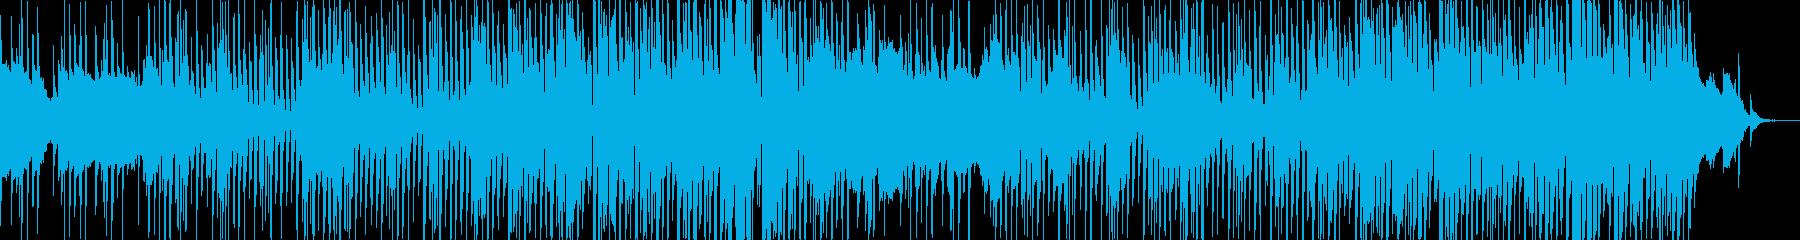 ほのぼのとした「魅惑的な飴」の歌です。の再生済みの波形